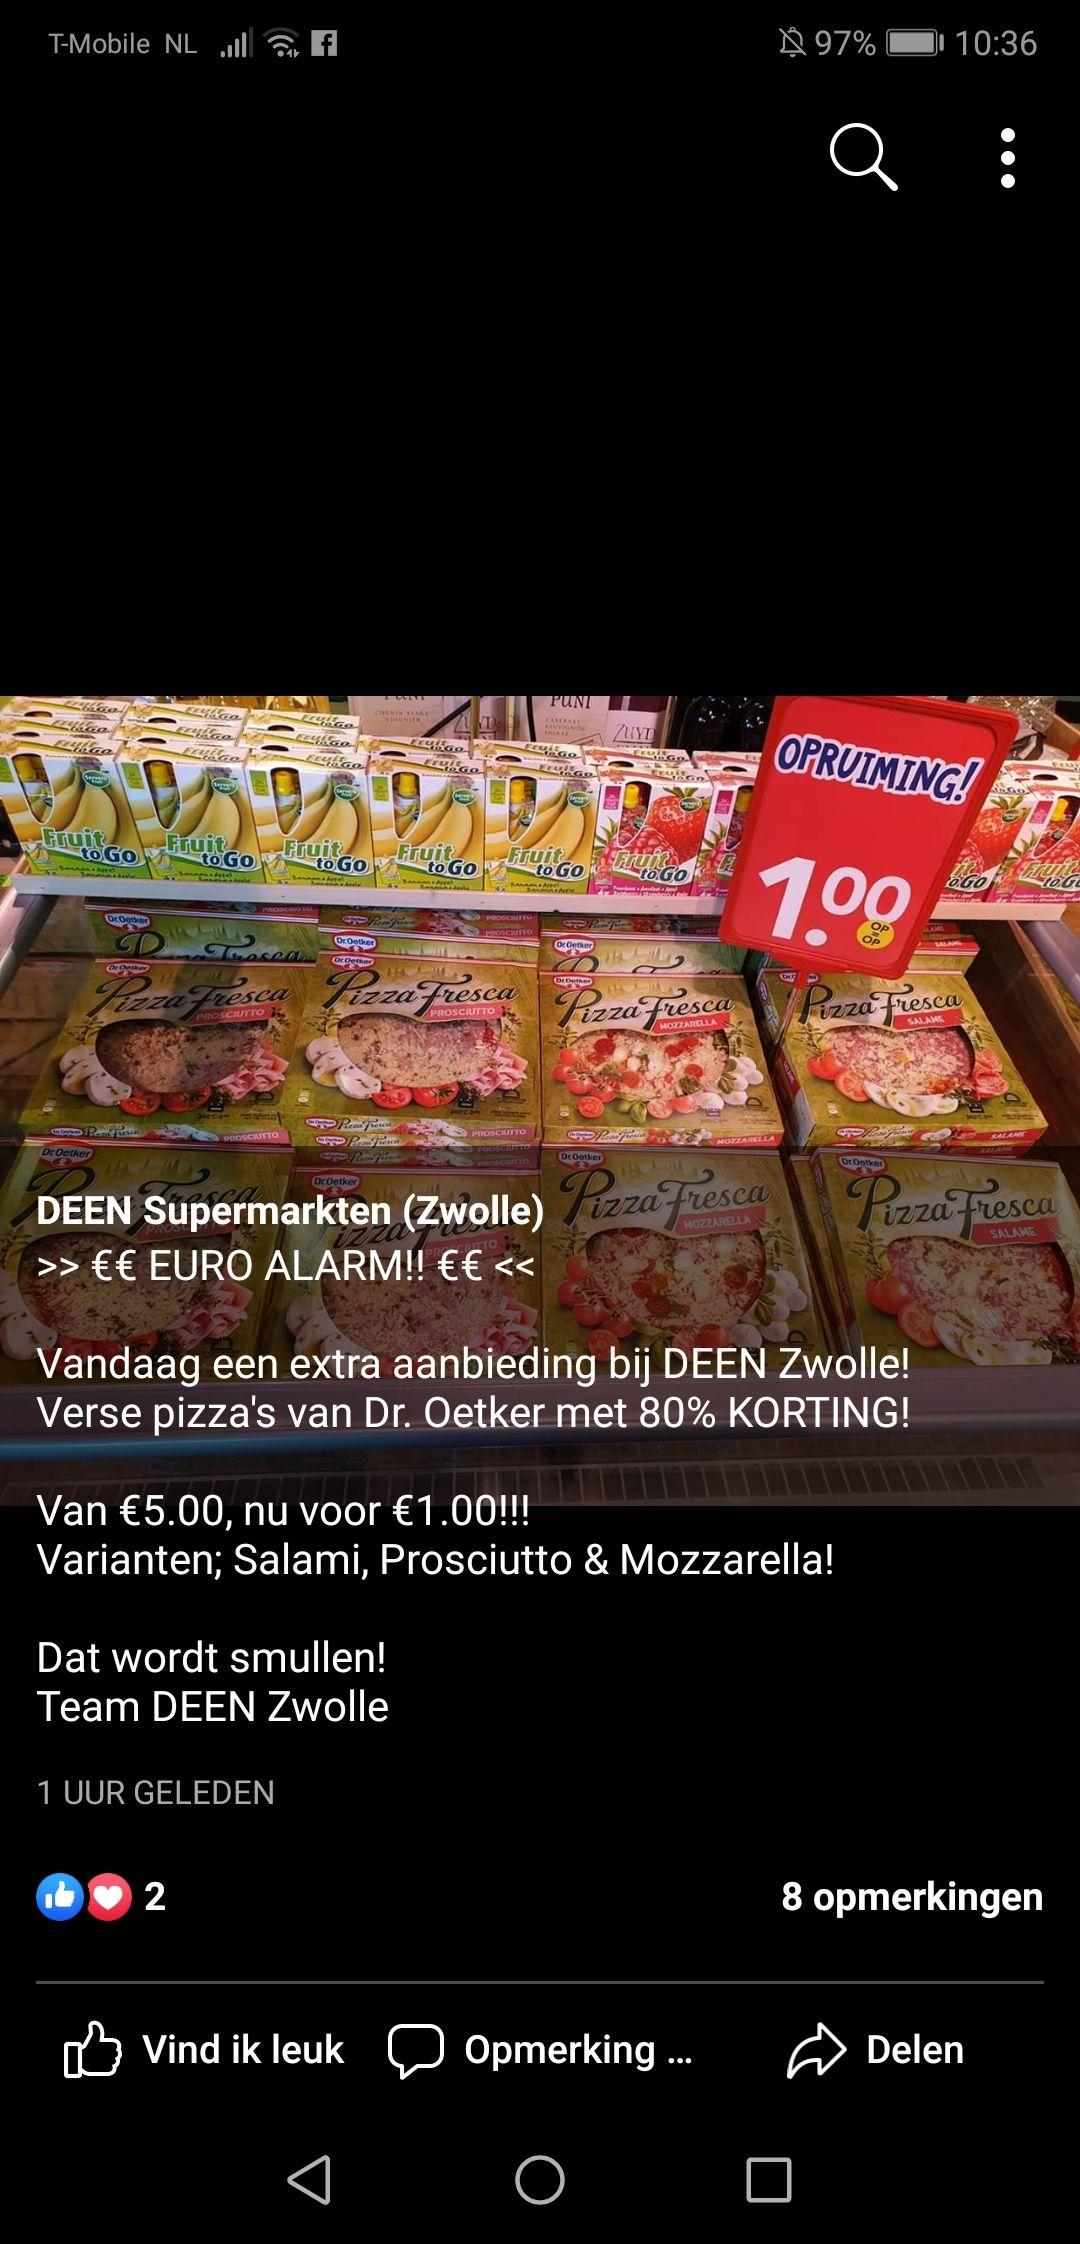 Pizza Fresca voor €1,-! Bij Deen in Zwolle.